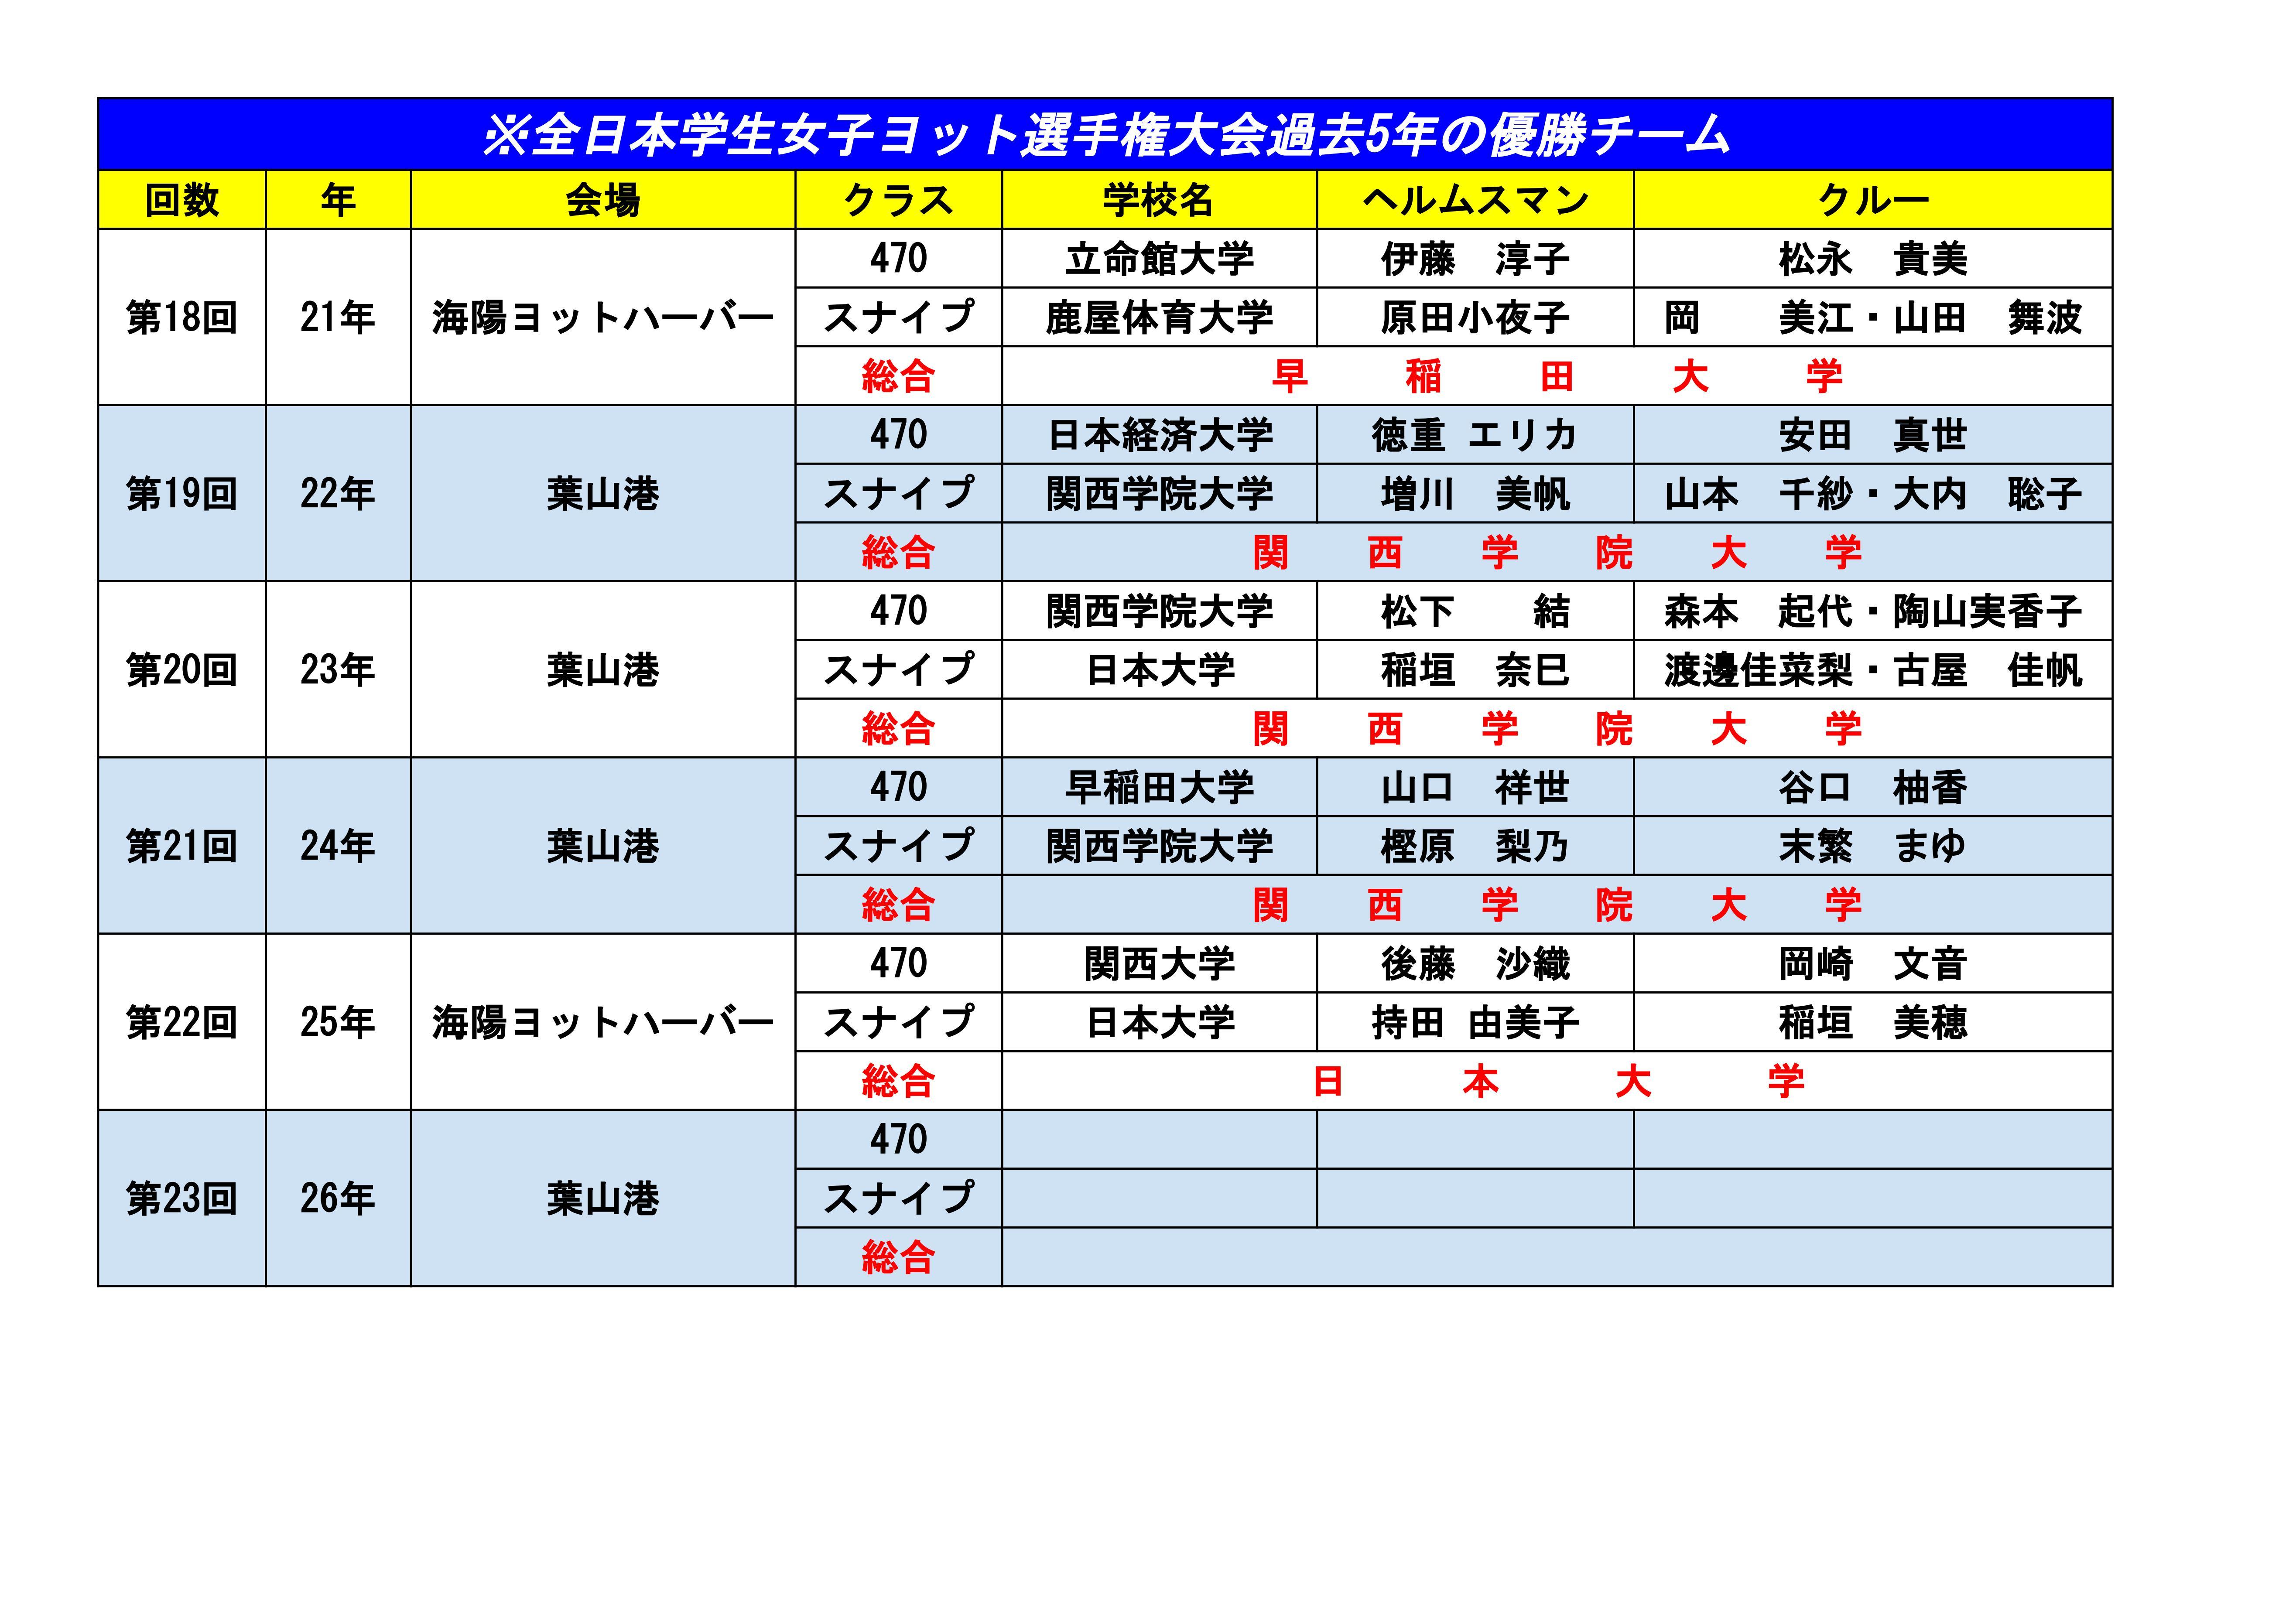 無題スプレッドシート - シート1_01